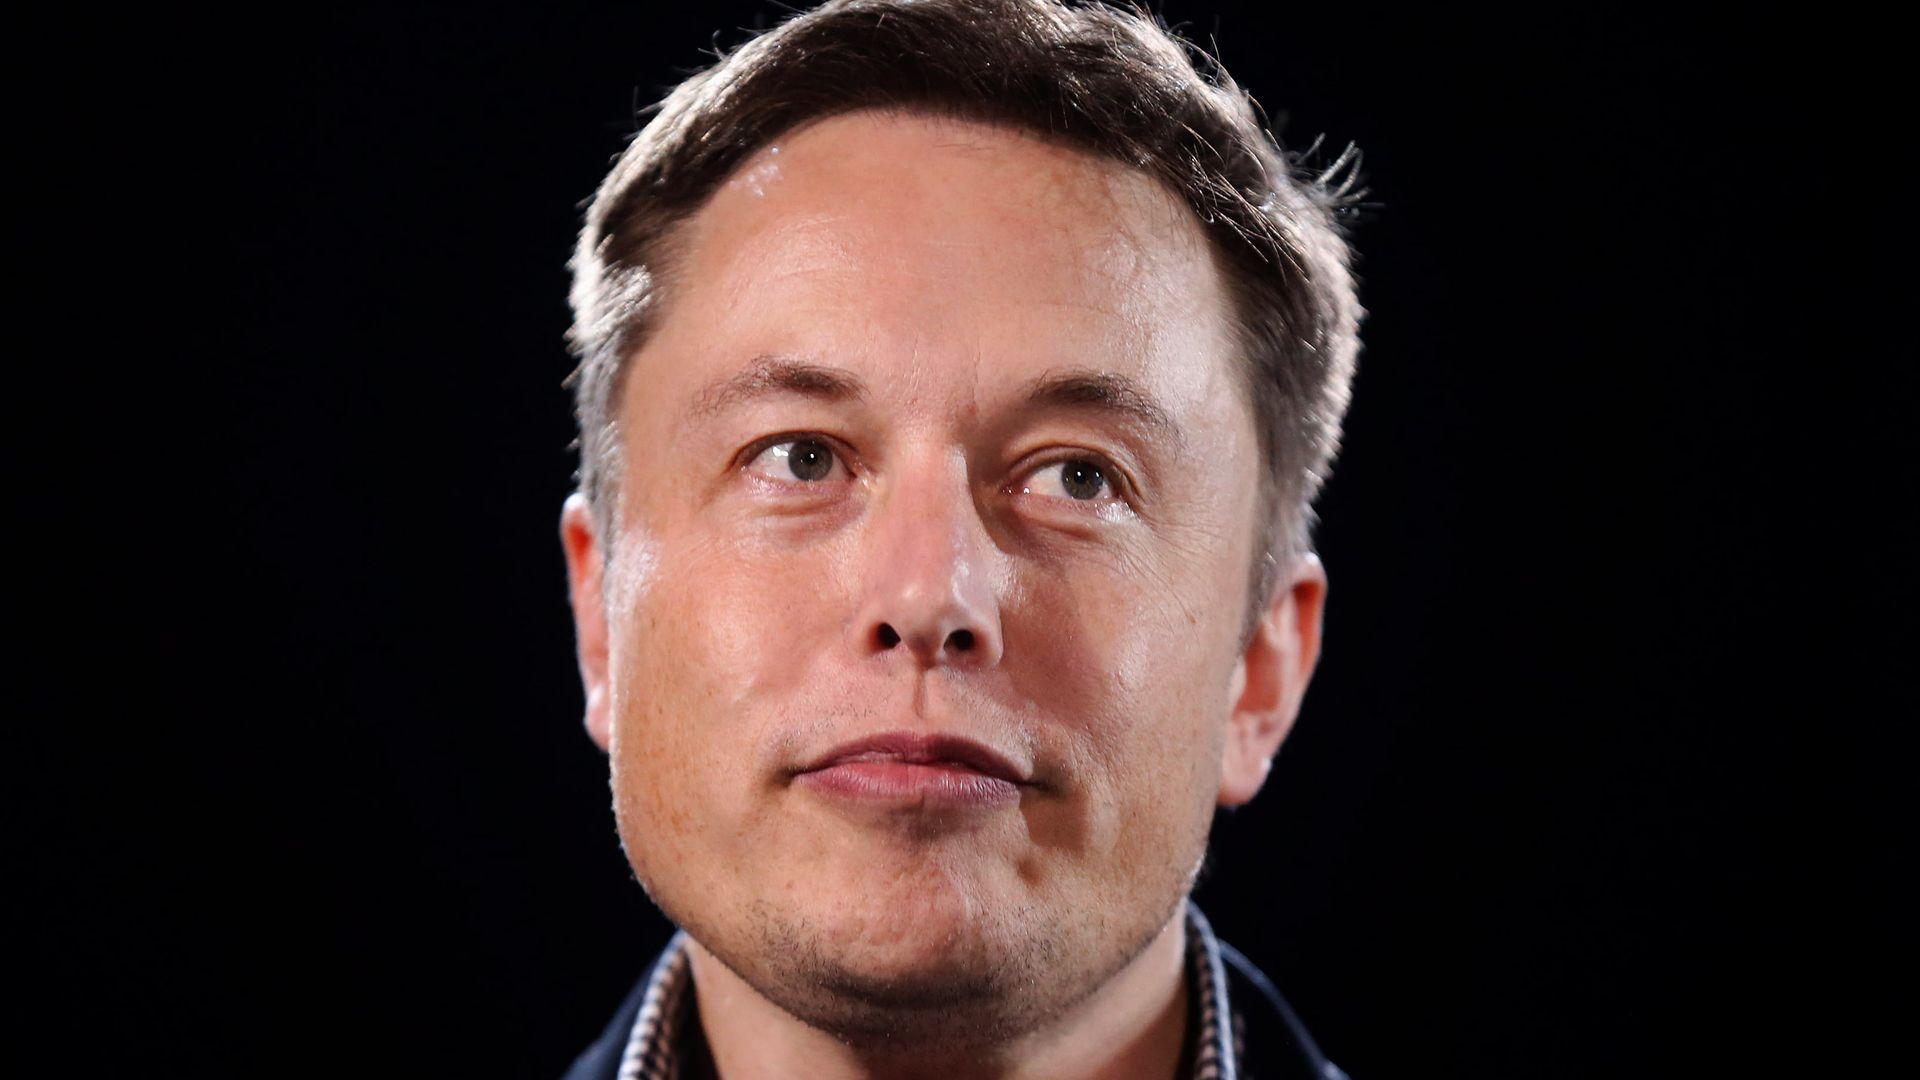 Valores do bitcoin subiram e desceram depois de Elon Musk fazer comentários sobre a criptomoeda (Foto: Hadrian/Shutterstock)